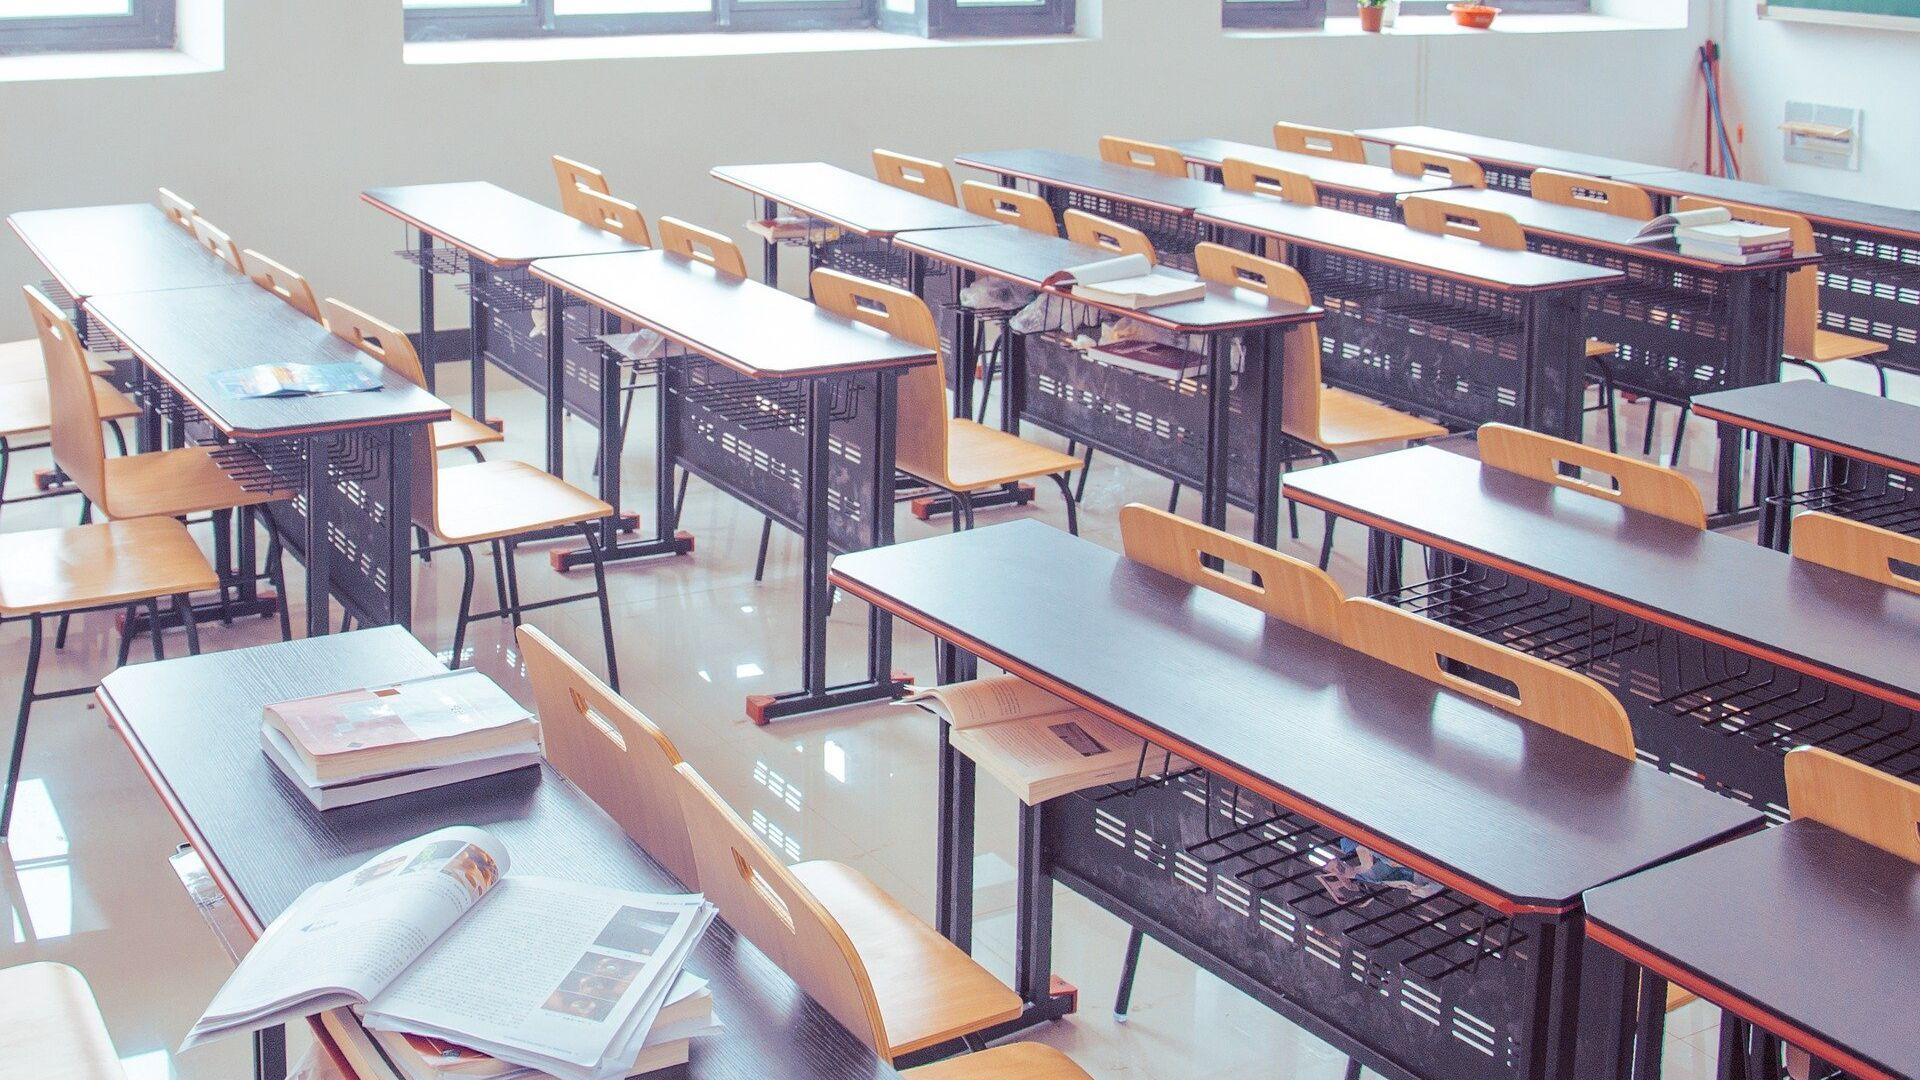 Escuela (imagen referencial) - Sputnik Mundo, 1920, 25.05.2021